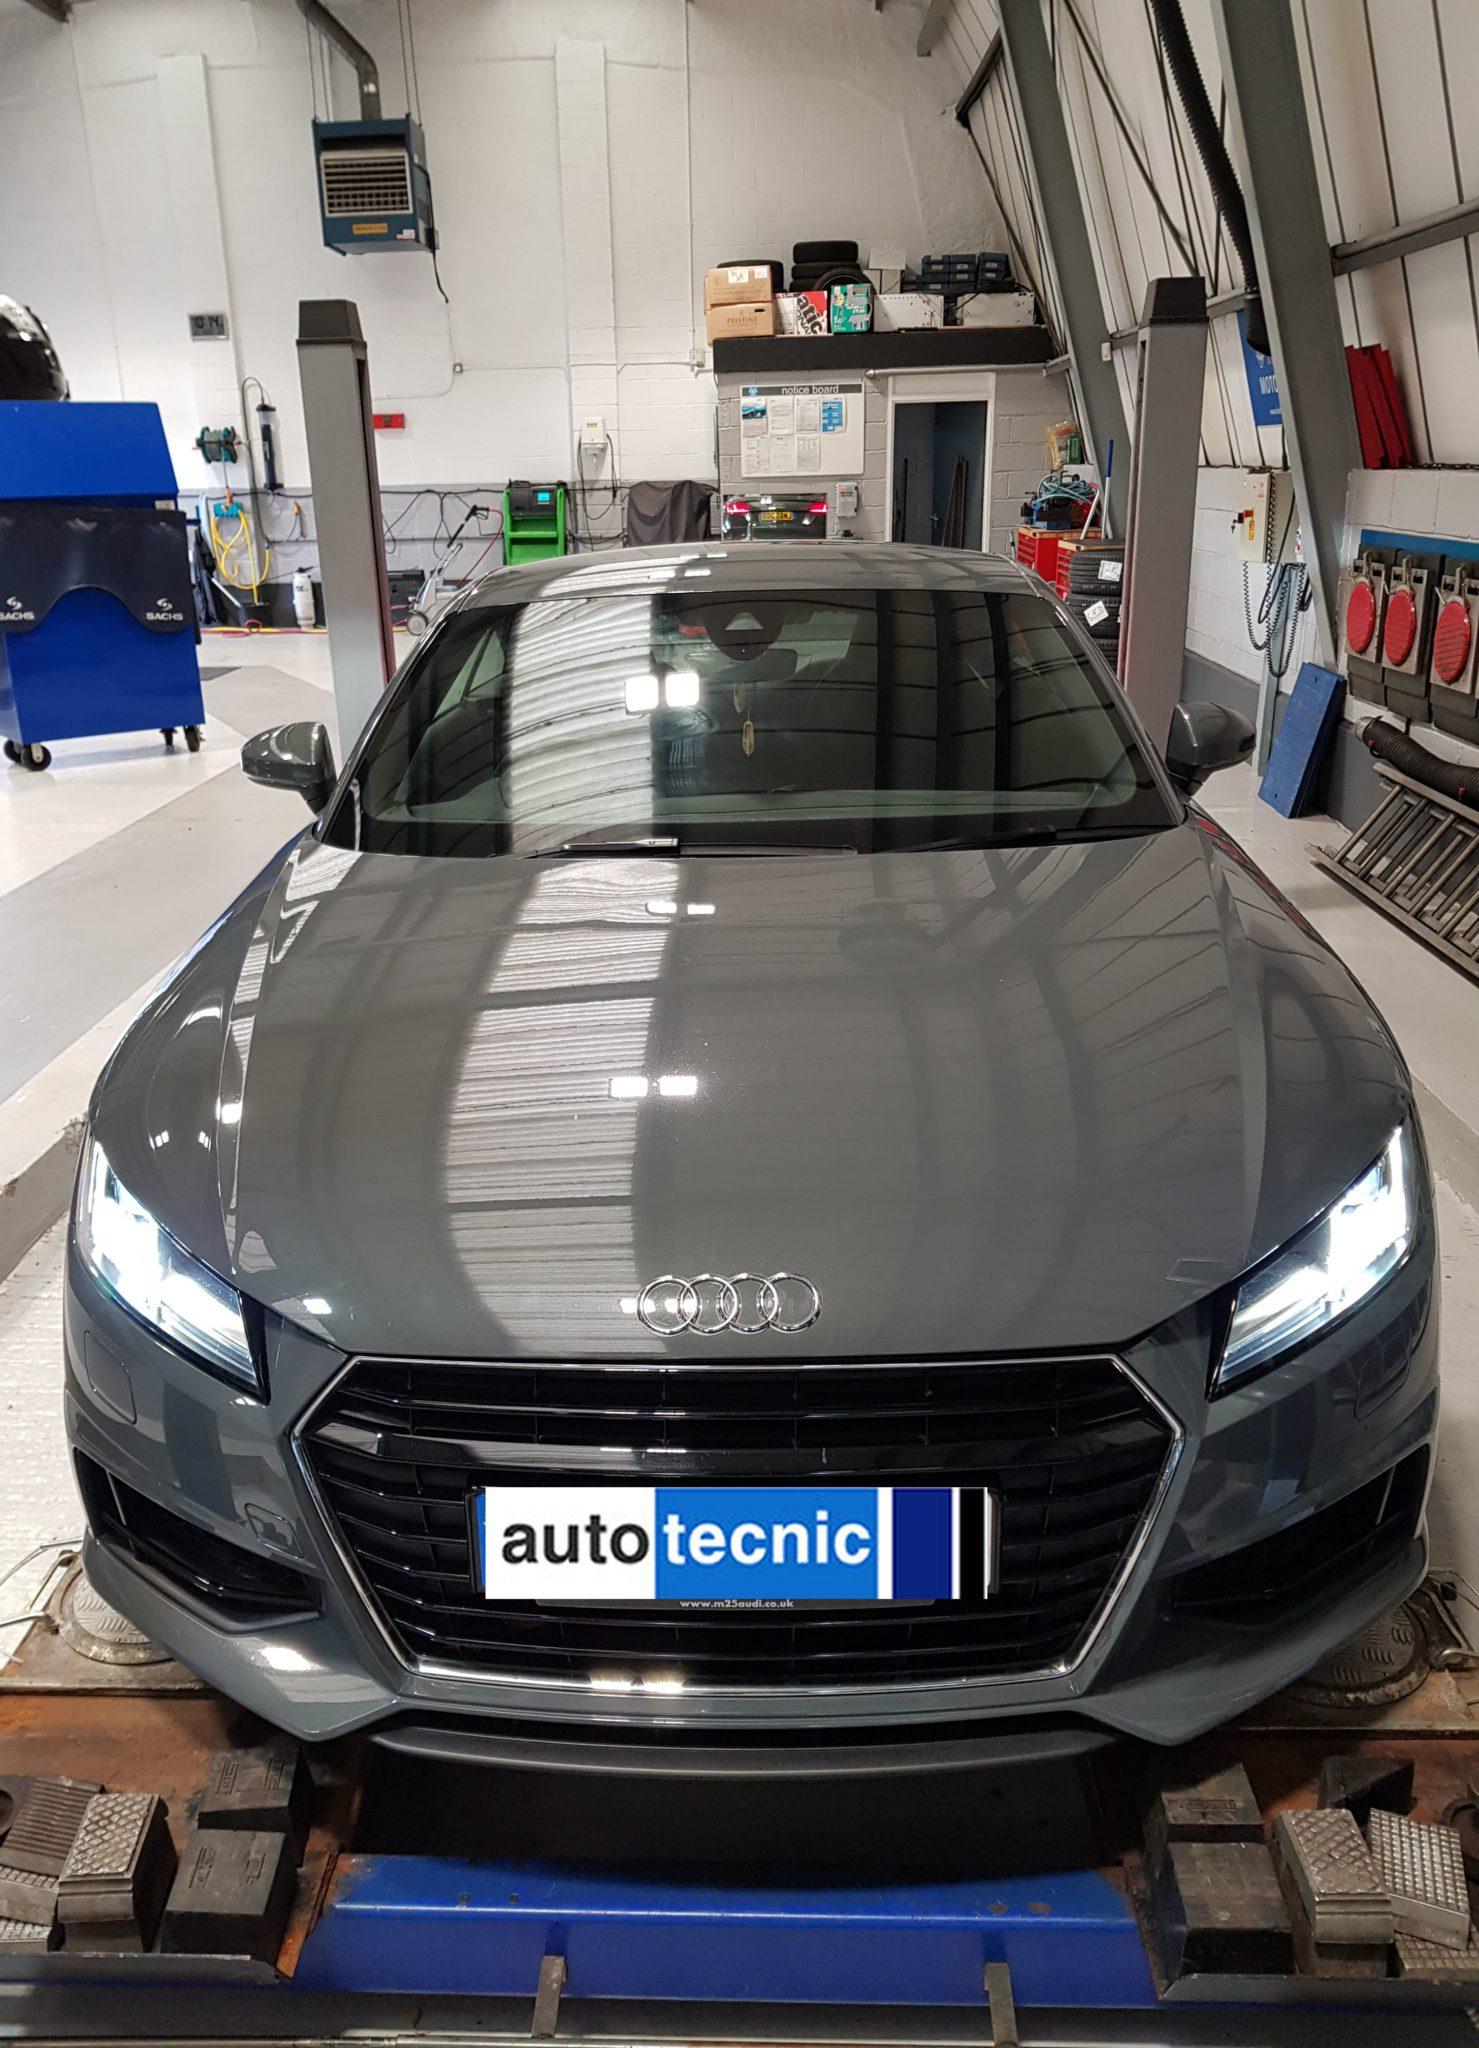 Audi Servicing - Audi